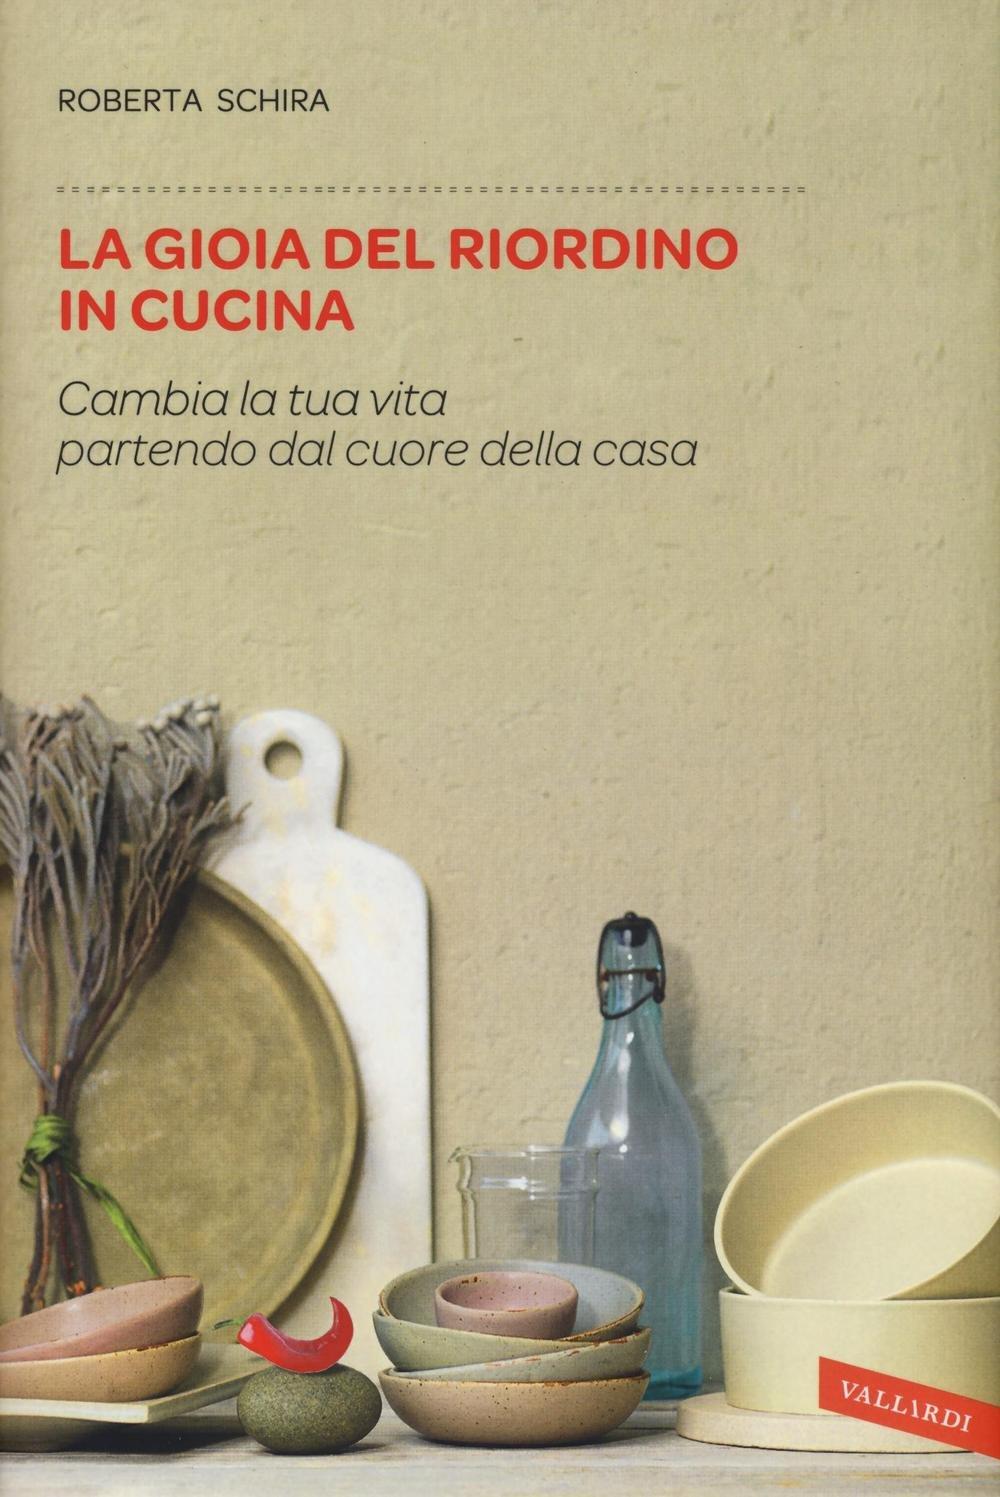 Roberta Schira - La gioia del riordino in cucina - Vallardi editore